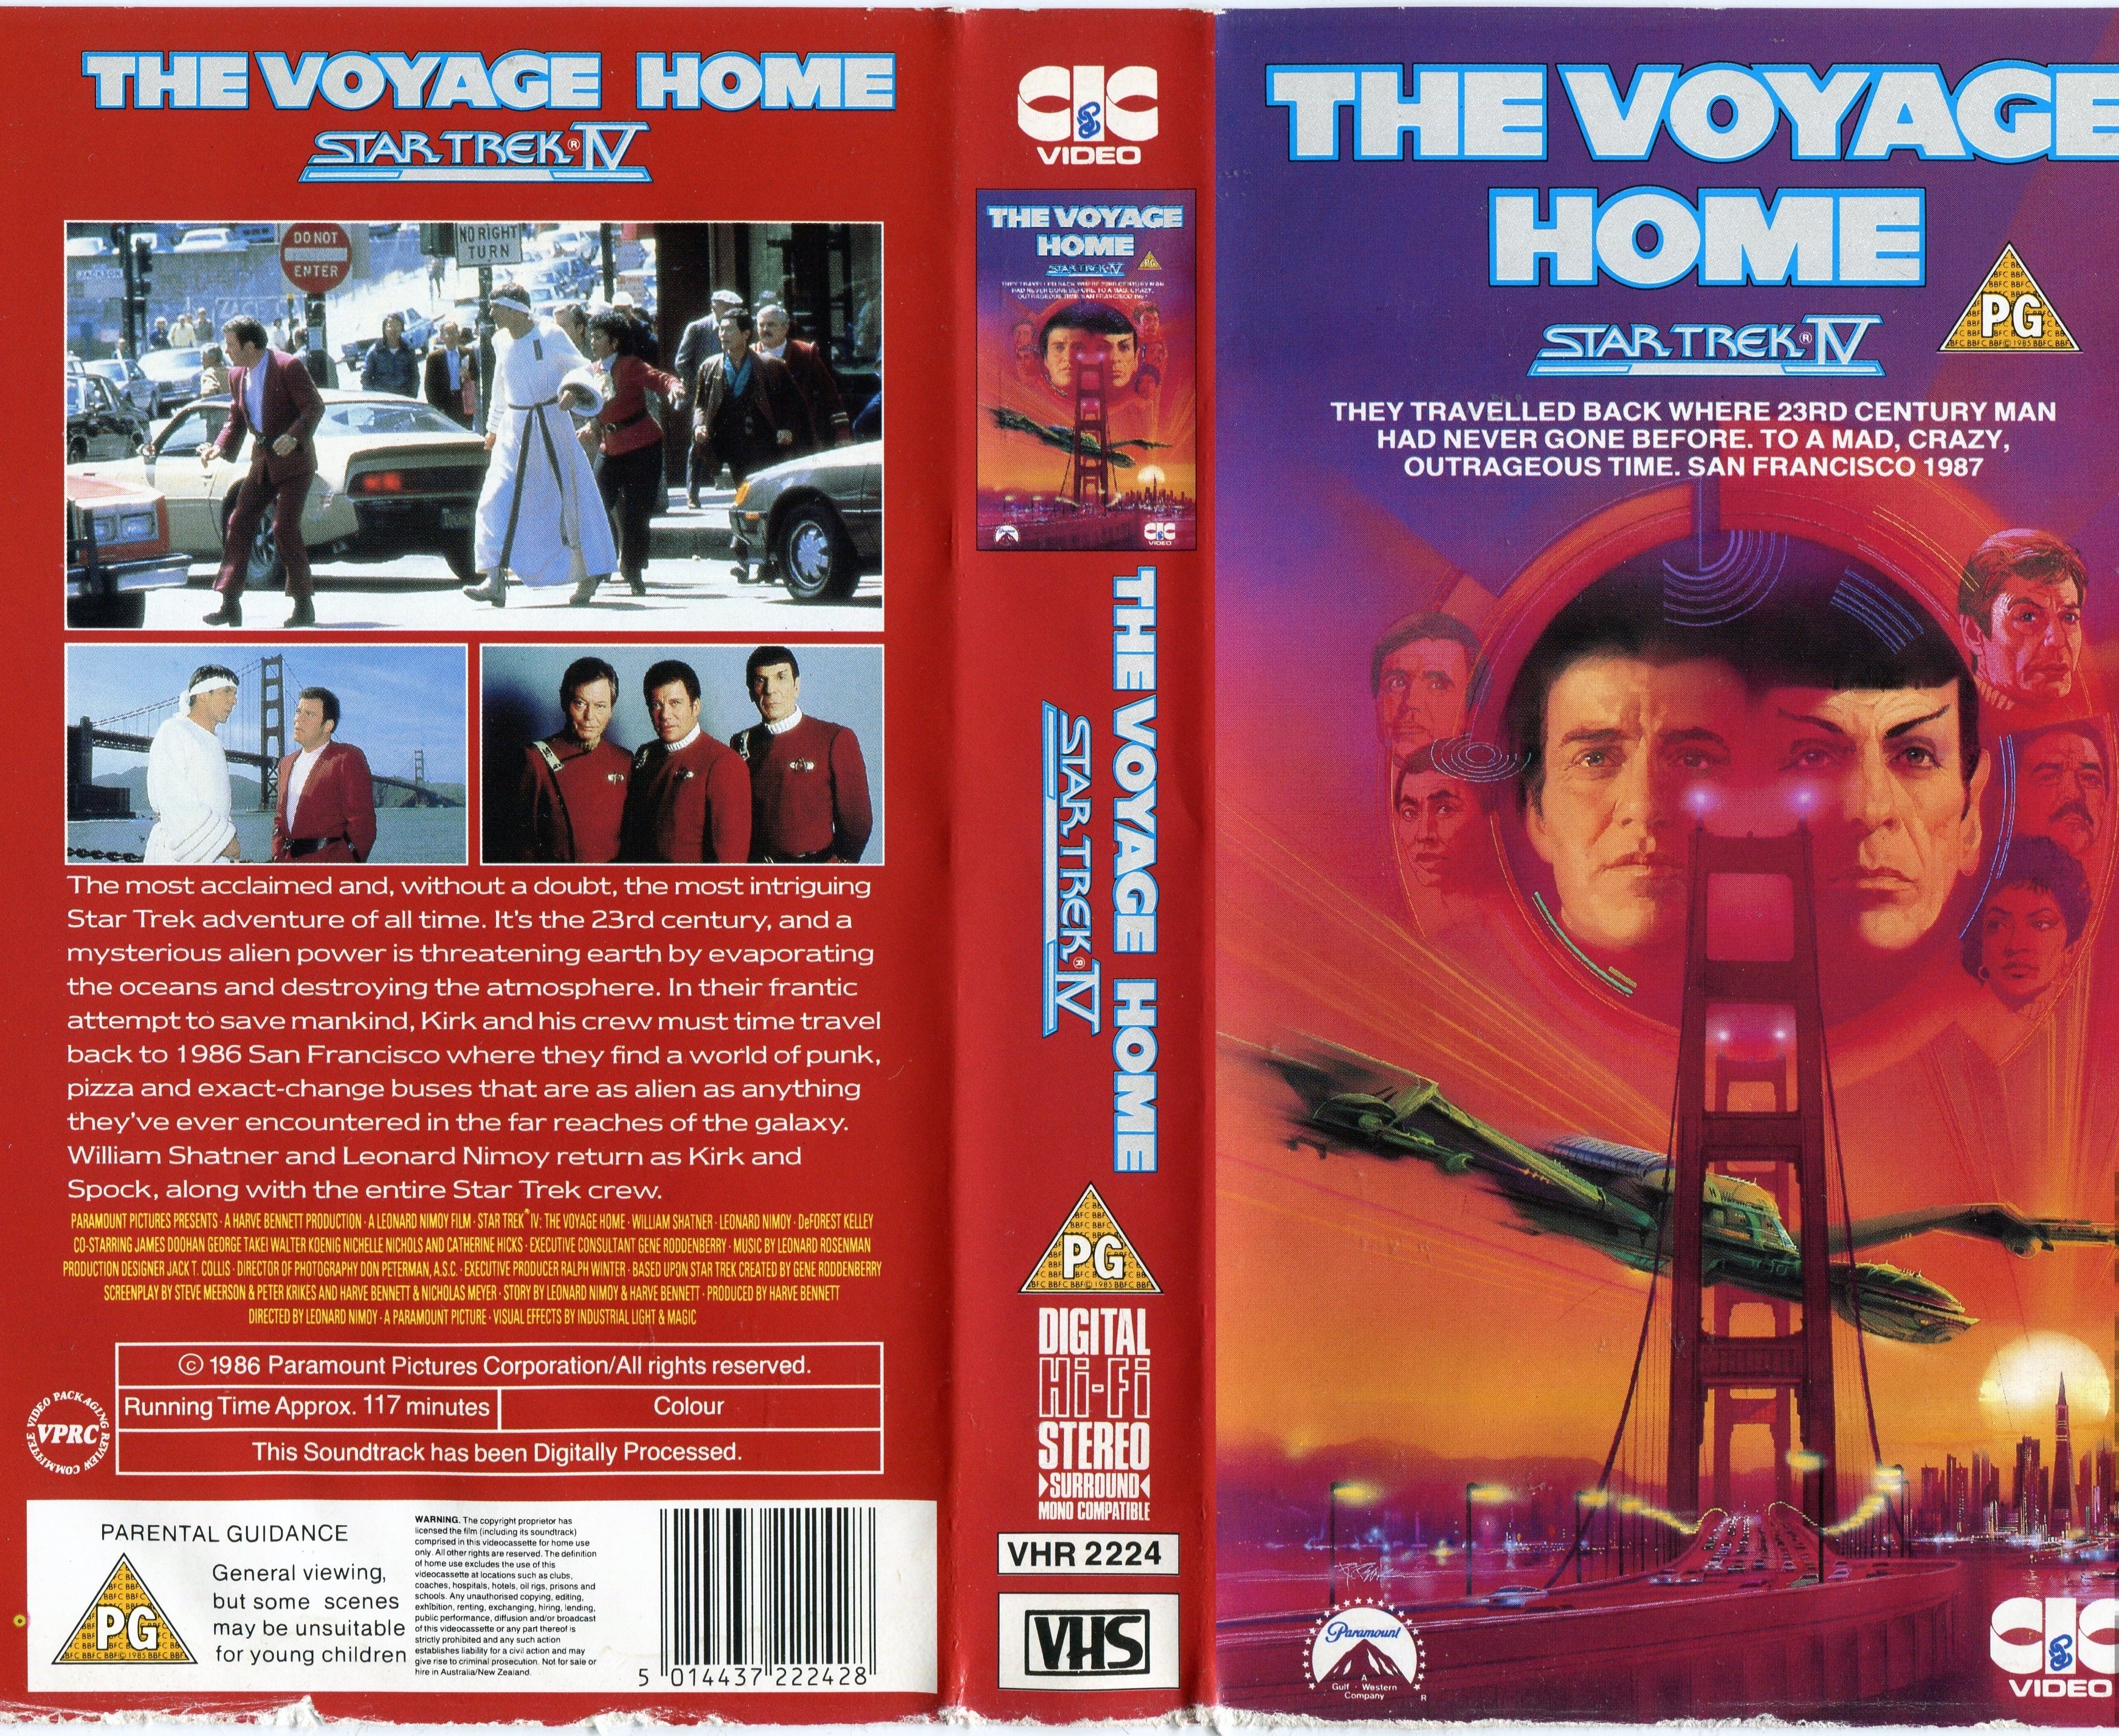 Leonard Nimoy, William Shatner, DeForest Kelley, and Nichelle Nichols in Star Trek IV: The Voyage Home (1986)